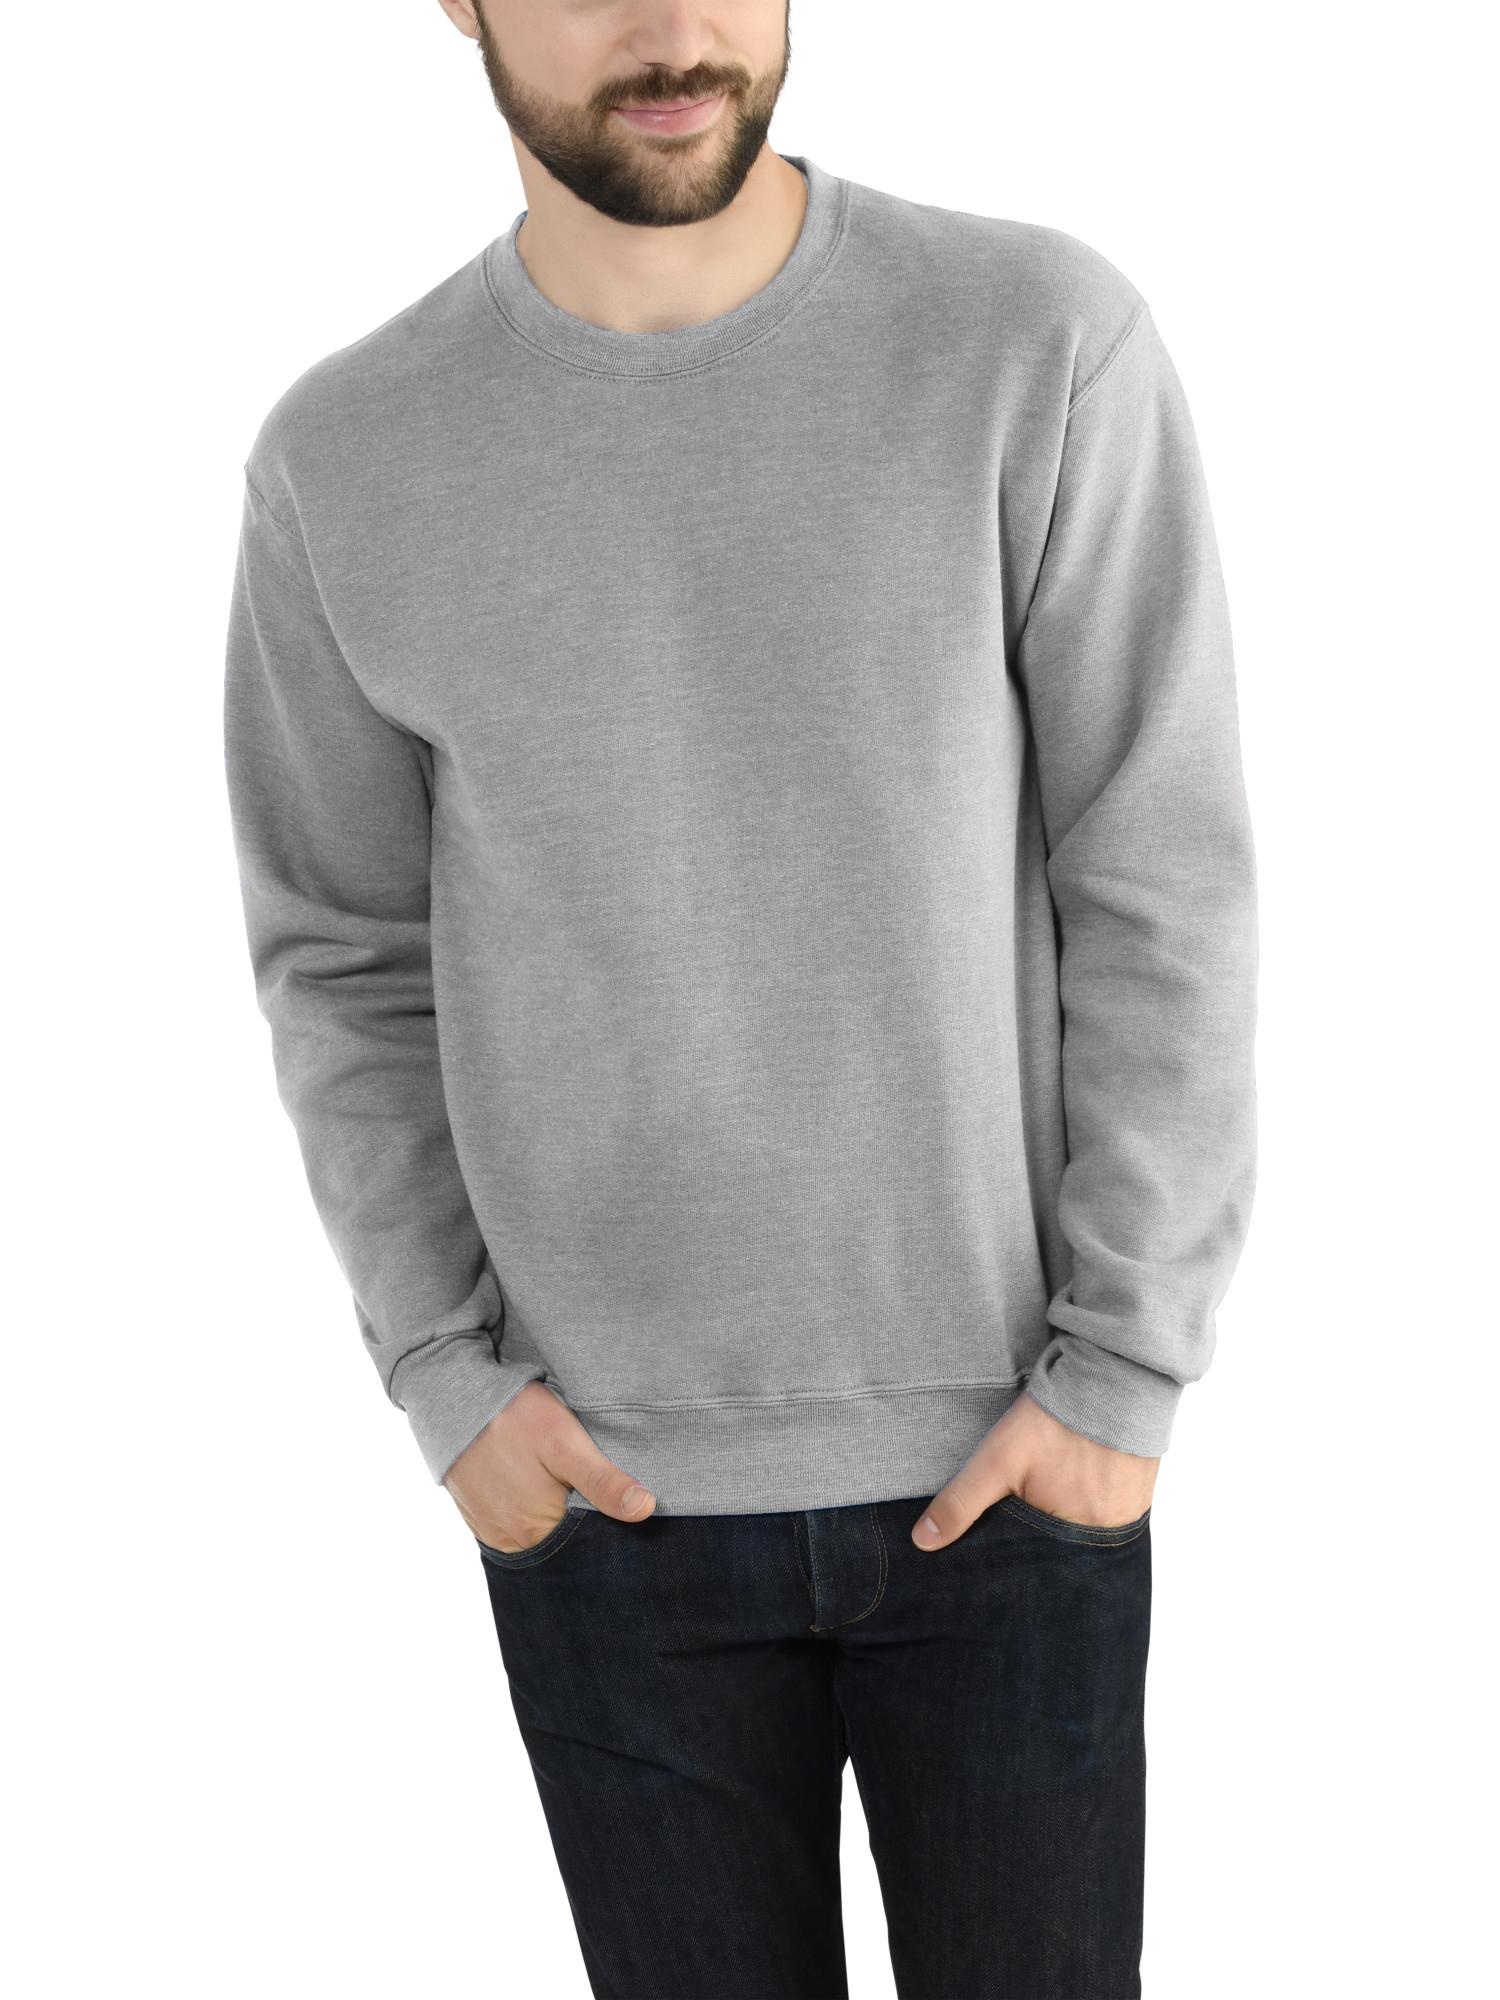 Herren Pullover Rundhals Sweatshirt Sweater Fruit of the Loom 2er Pack